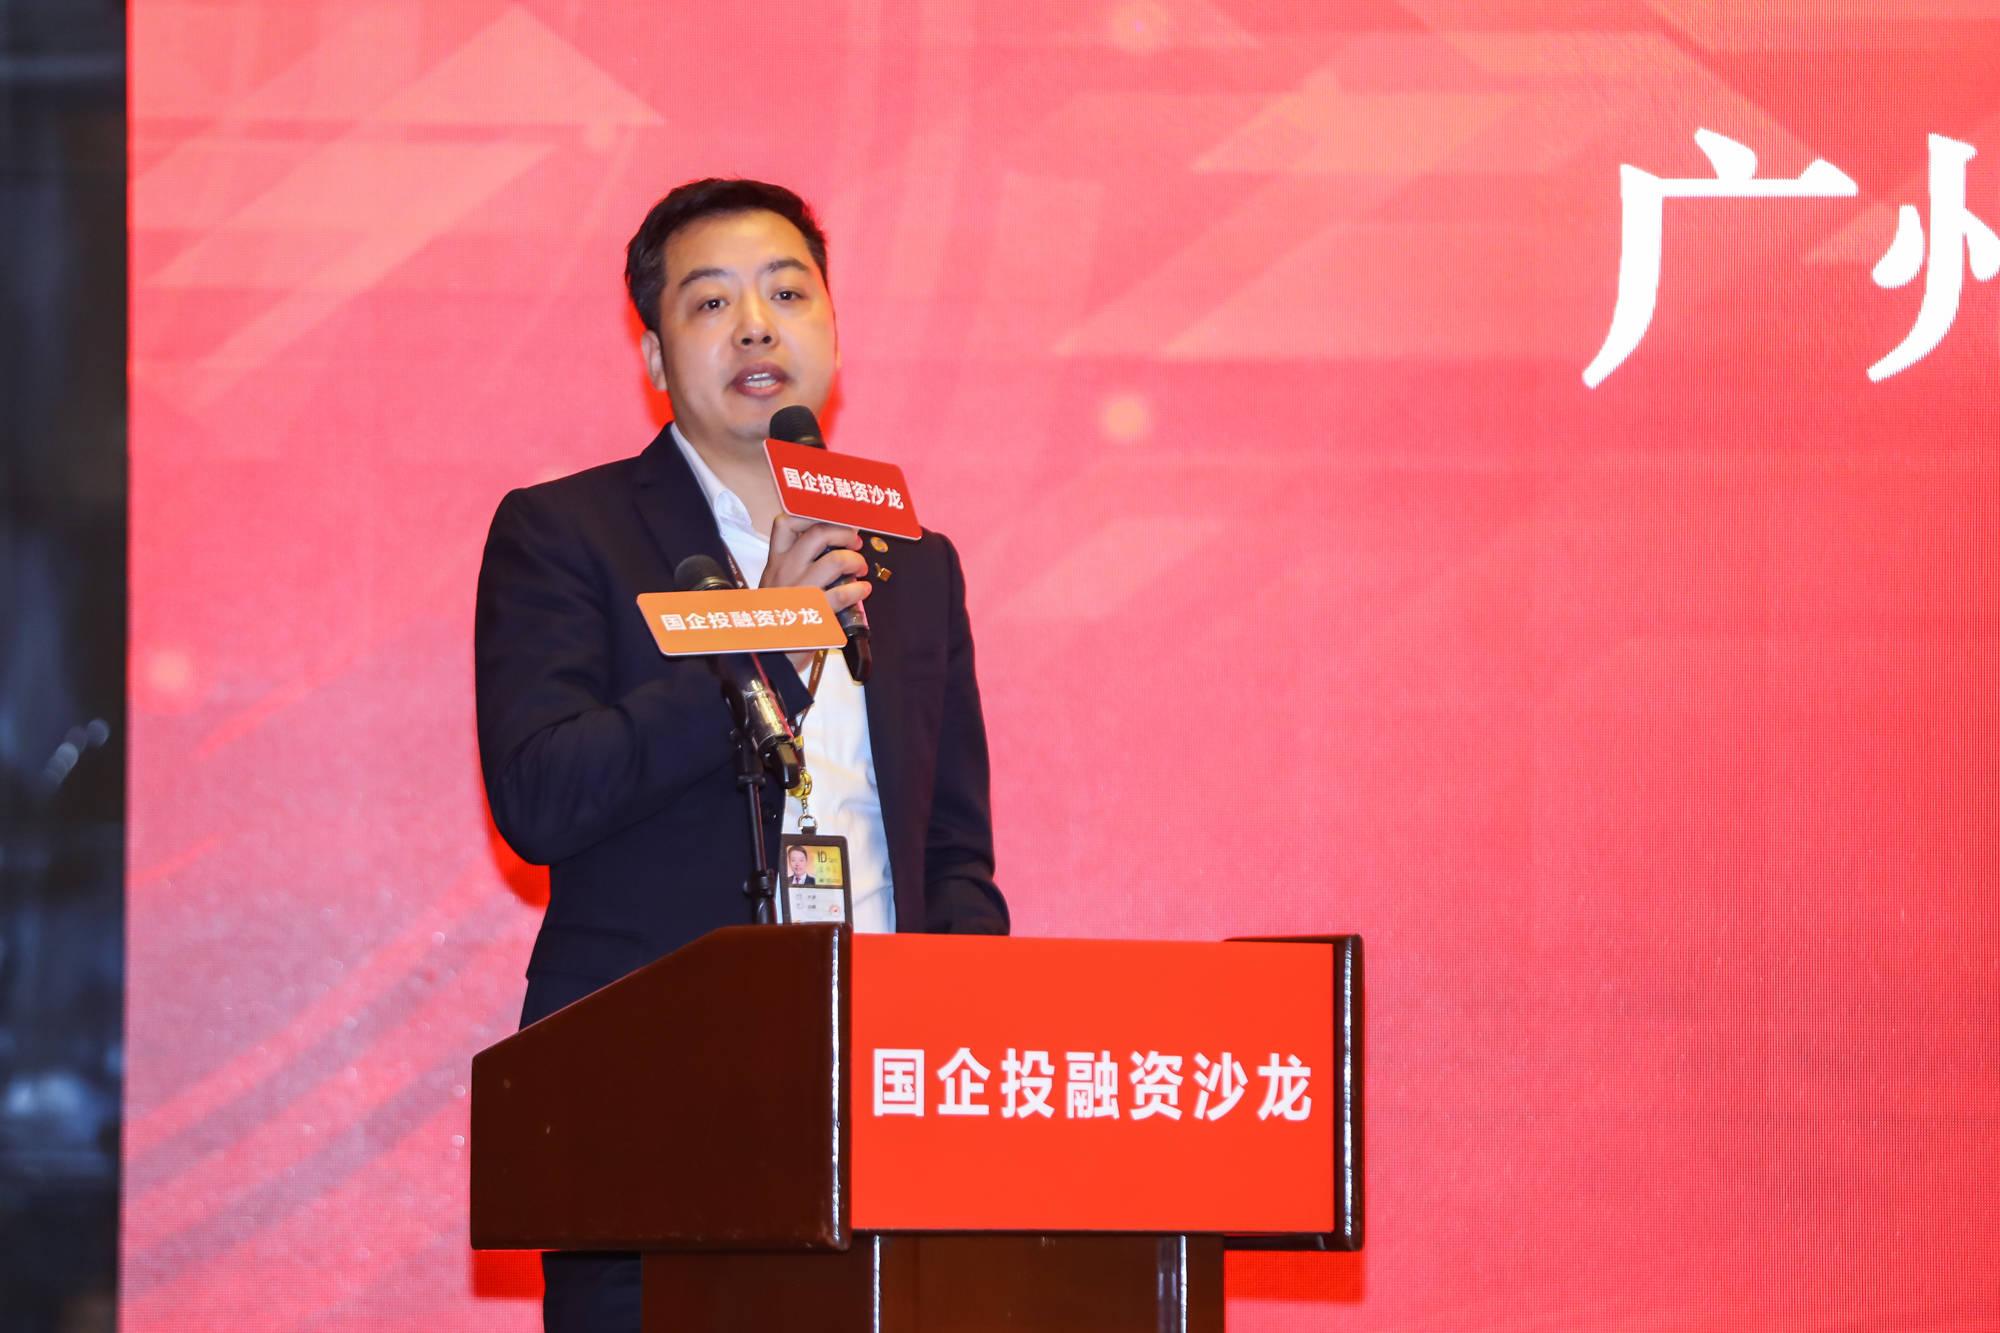 借力公募REITs,广州国企有望将存量资产加快资本证券化!